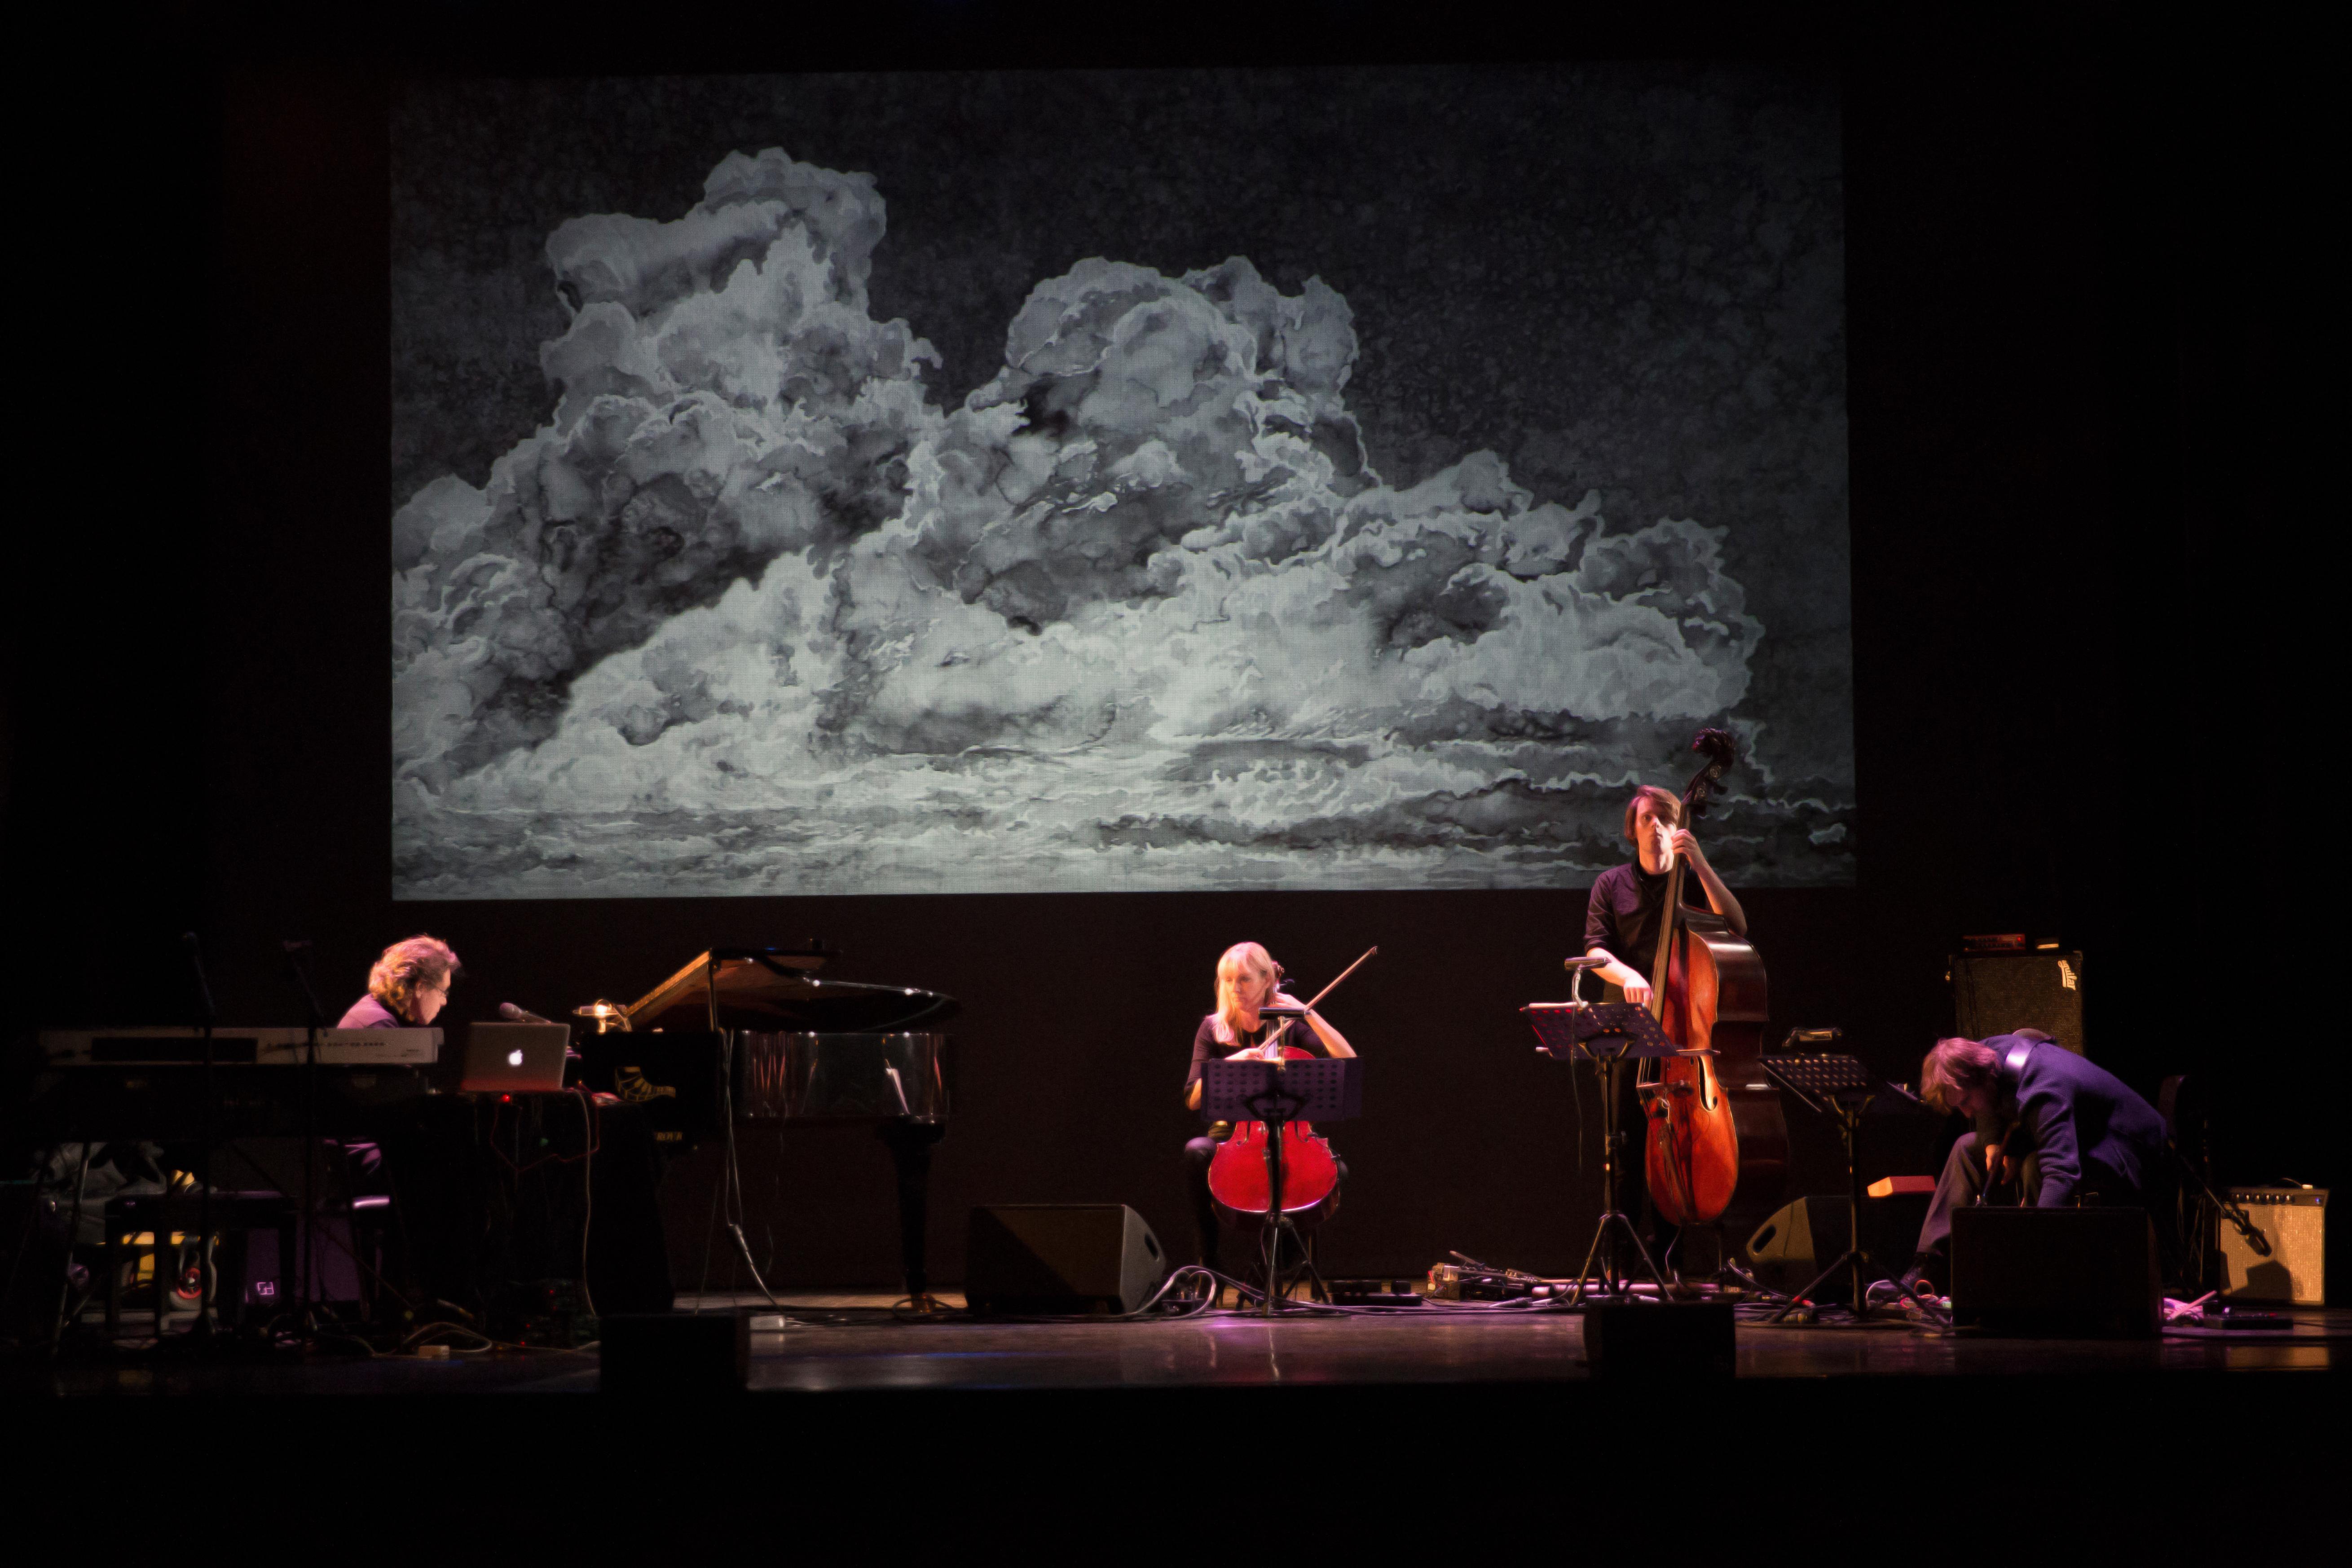 with composer Hoogewijs